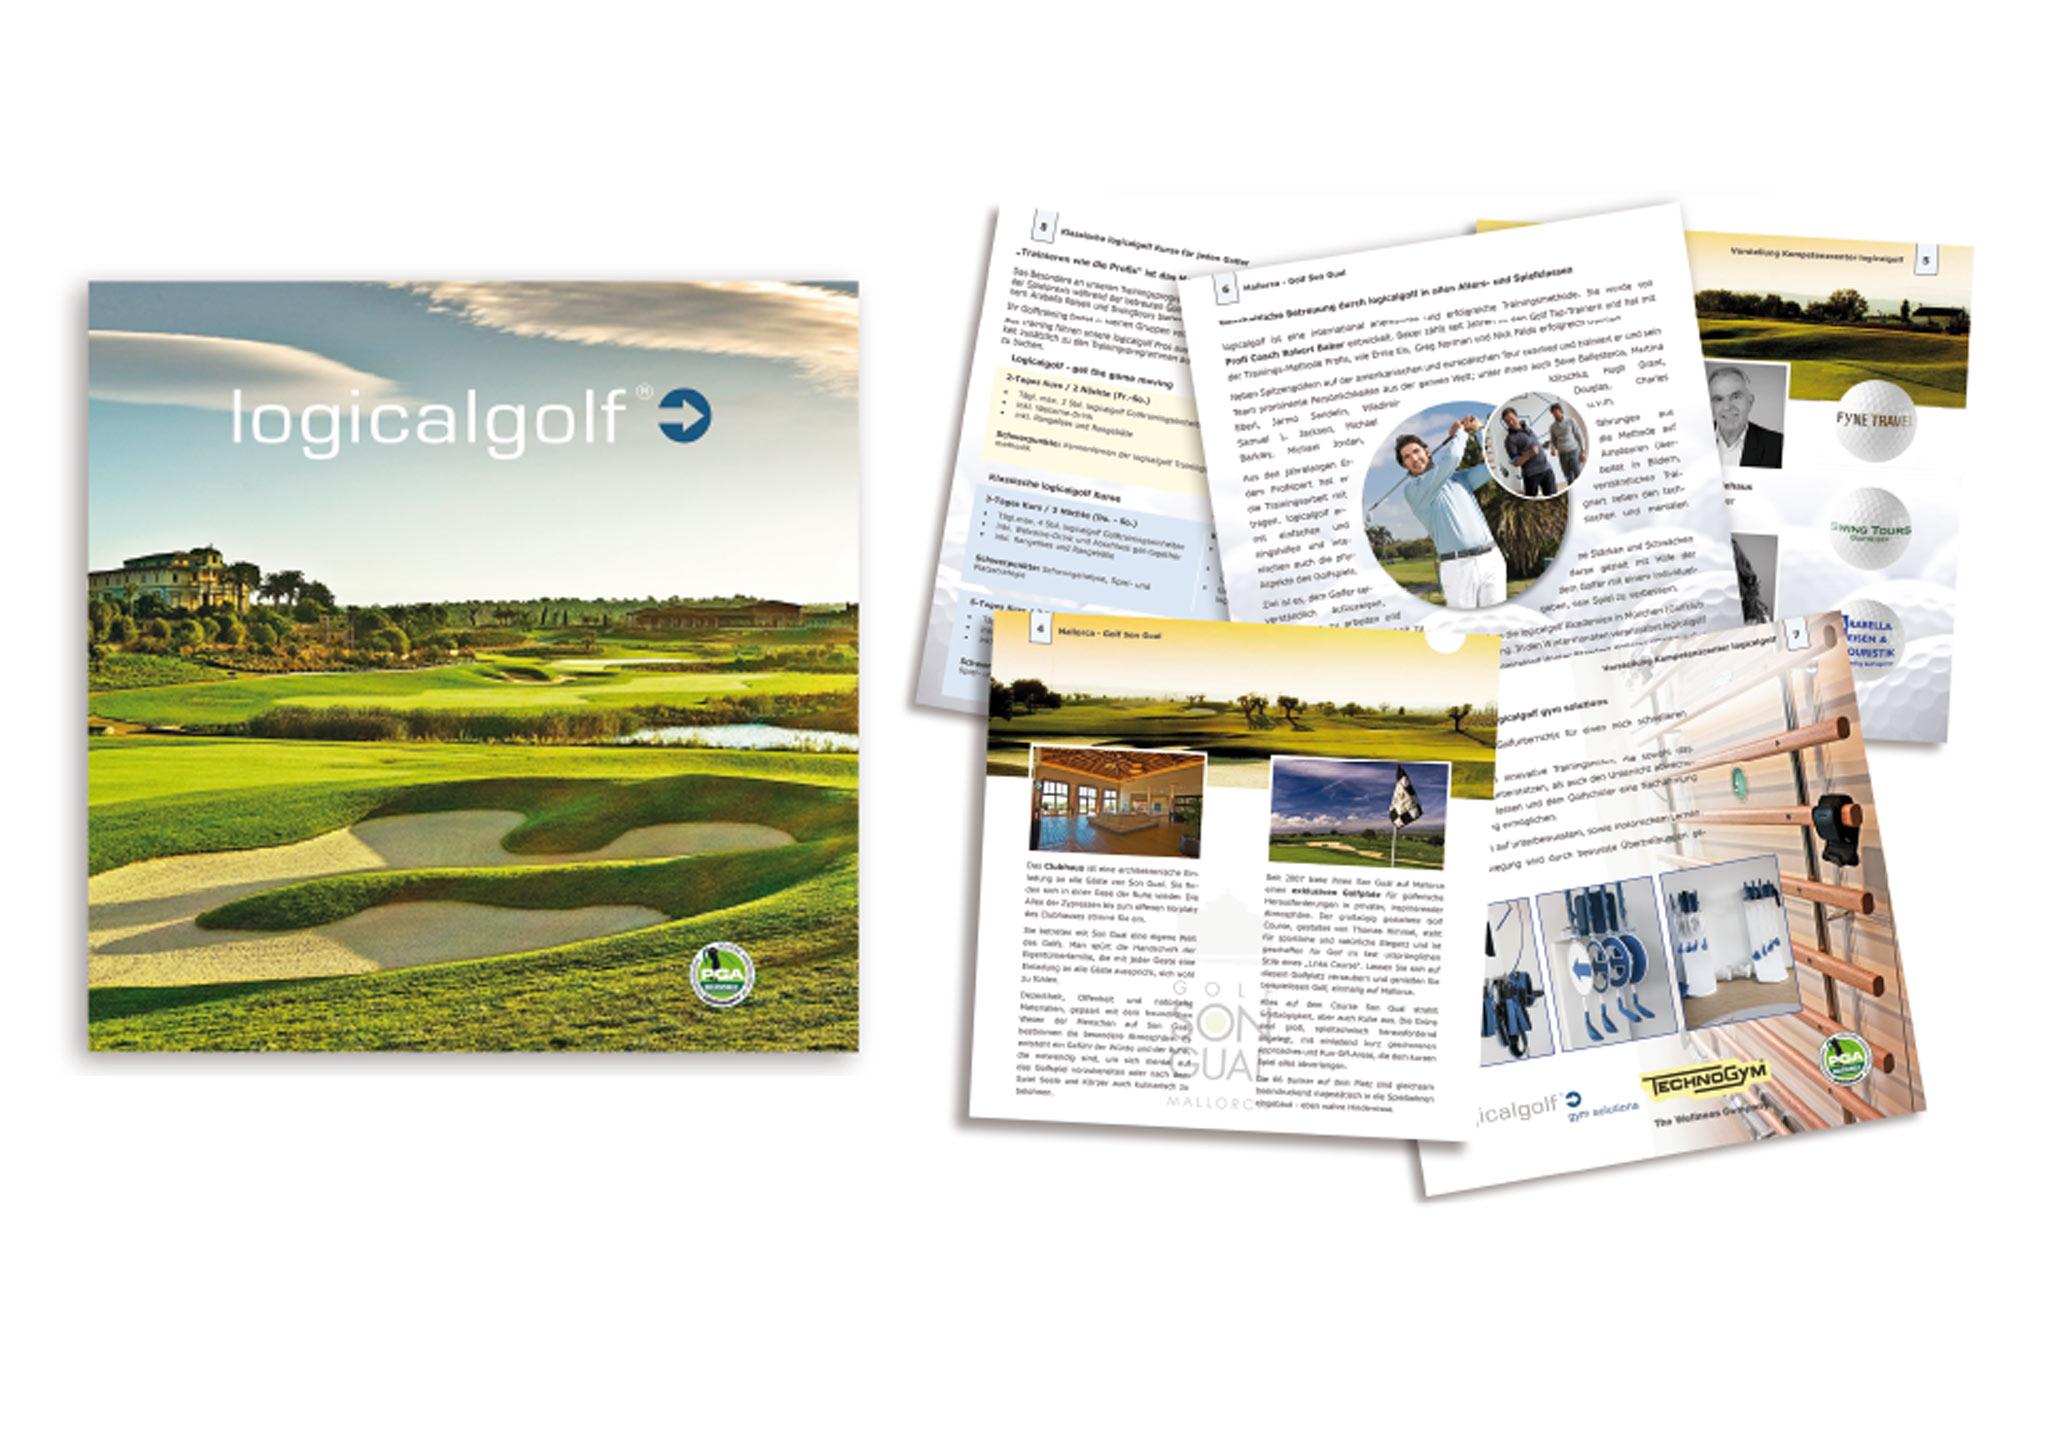 Broschüre und Prospekt für Golfanlage logicalgolf Eichenried